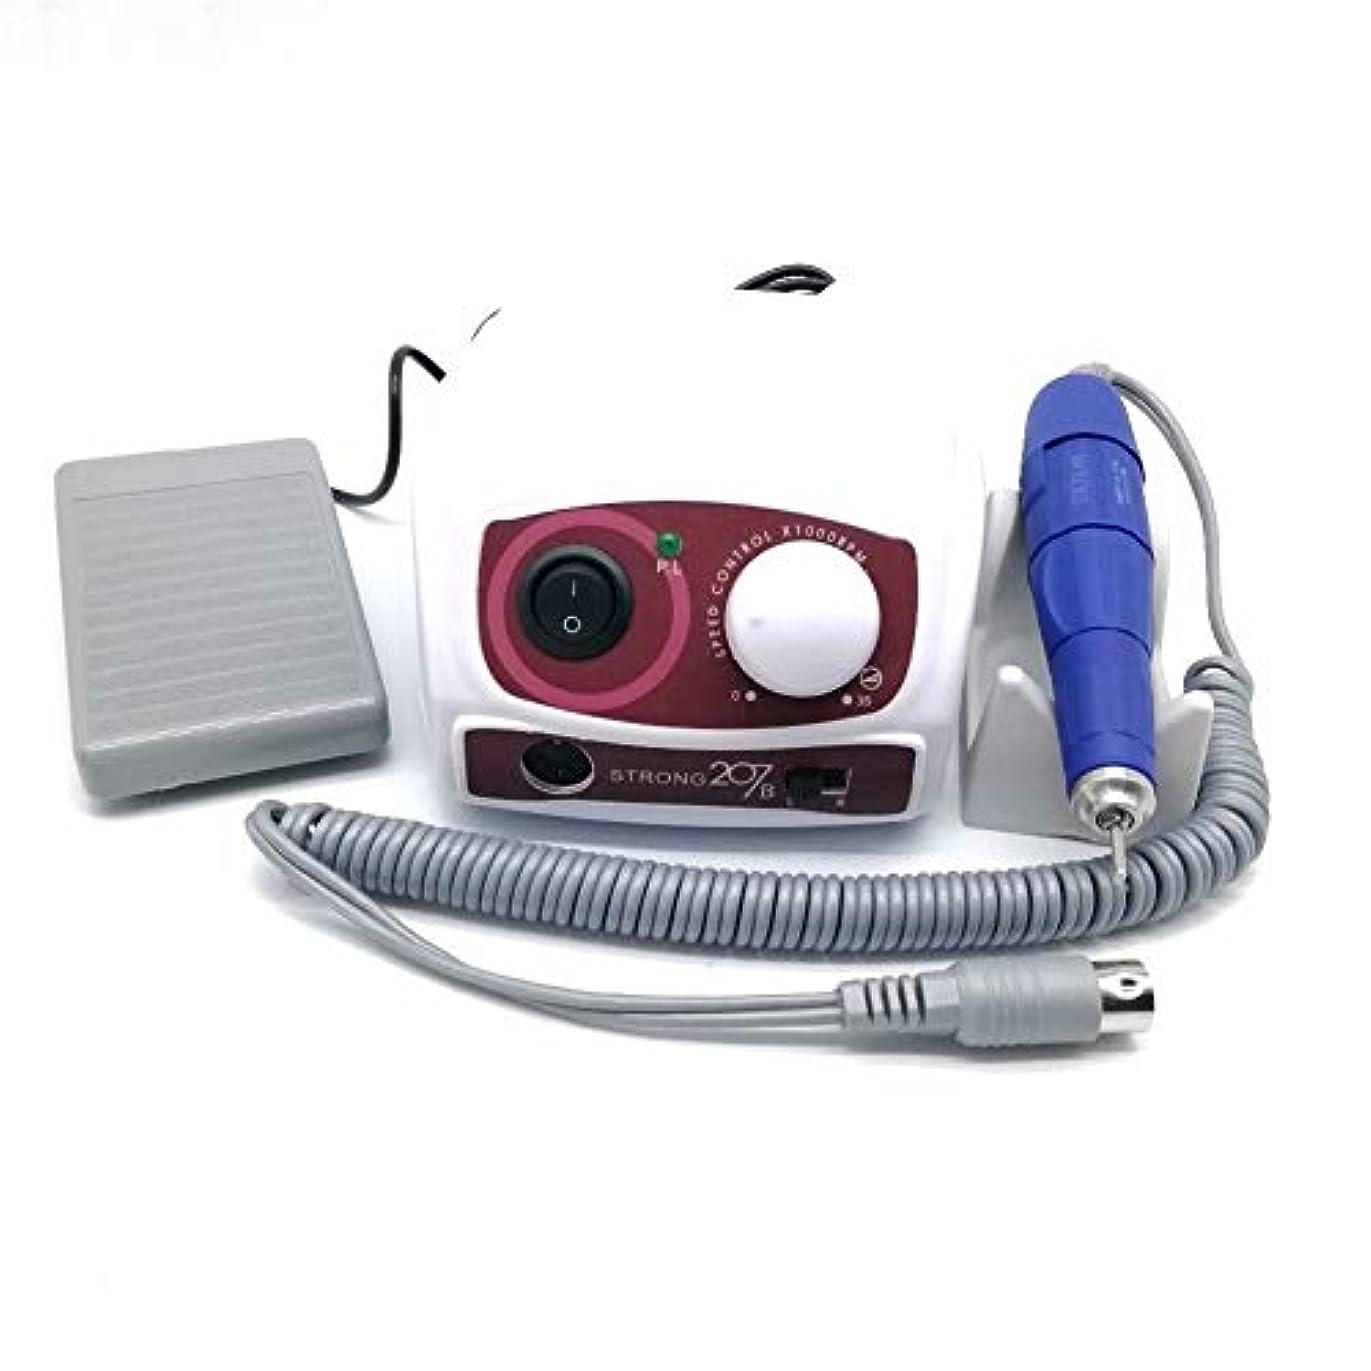 教える倉庫種類ネイルポリッシュアートマニキュアツール用電動マニキュアドリルセット35000 RPMマイクロモーター